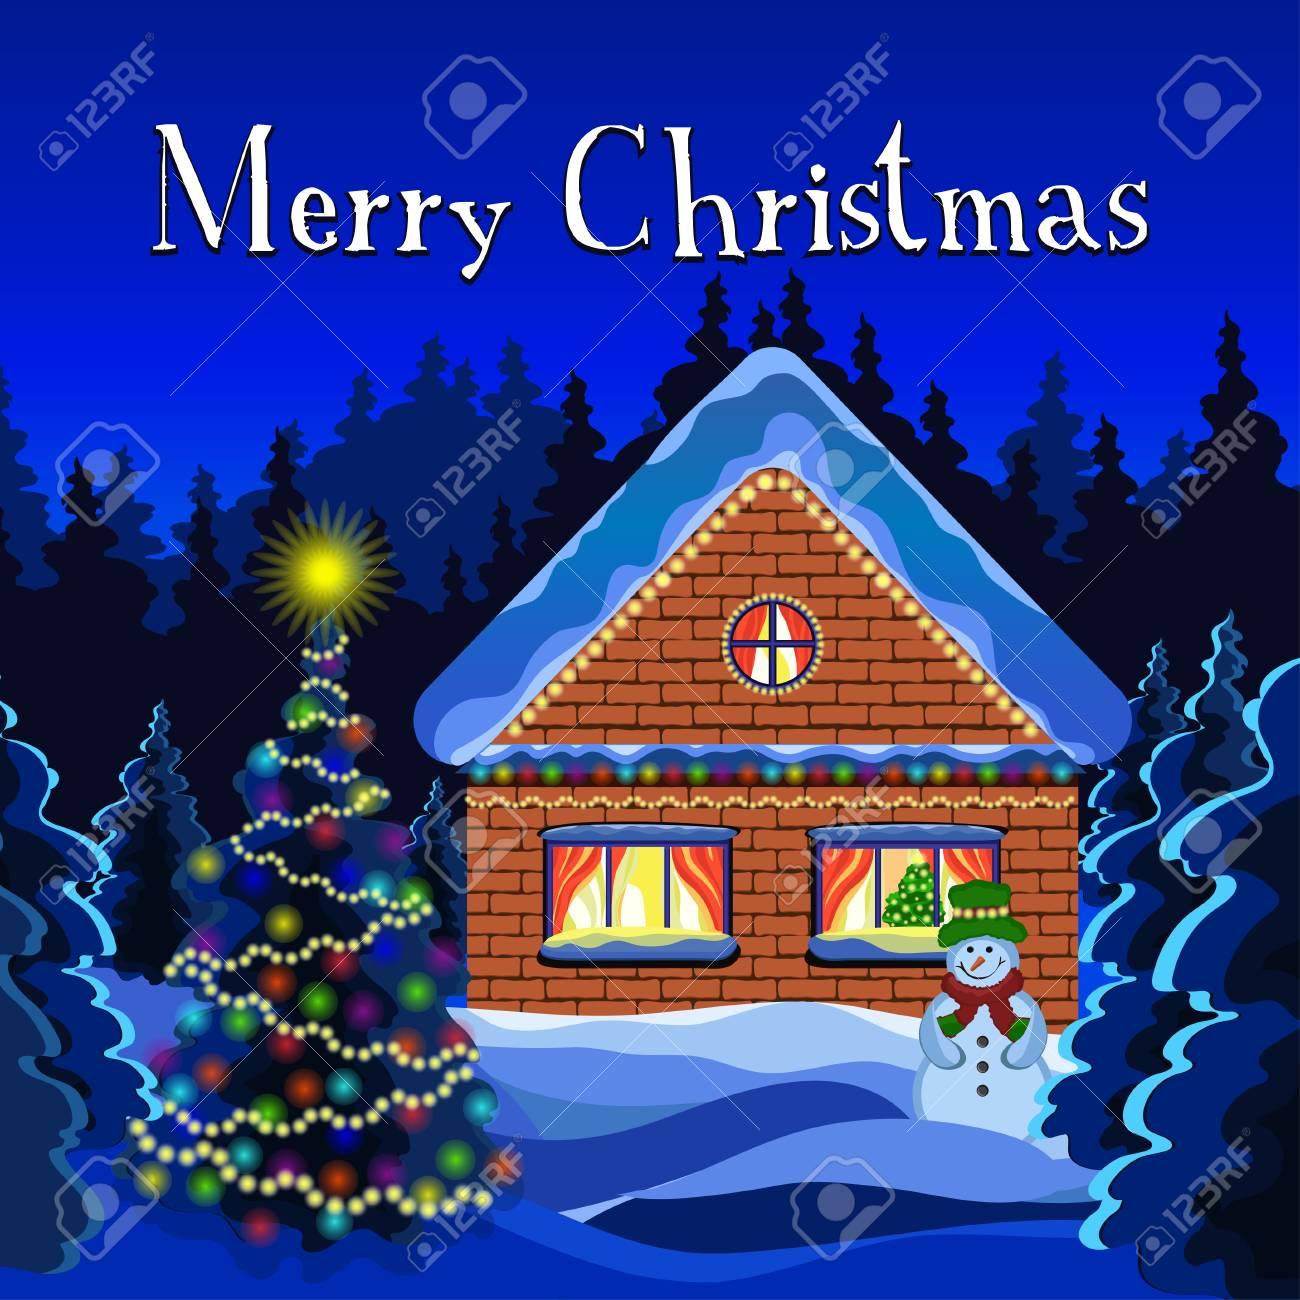 Carte De Noel Joyeux Dessin De Vecteur De Paysage Hiver Noel Foret